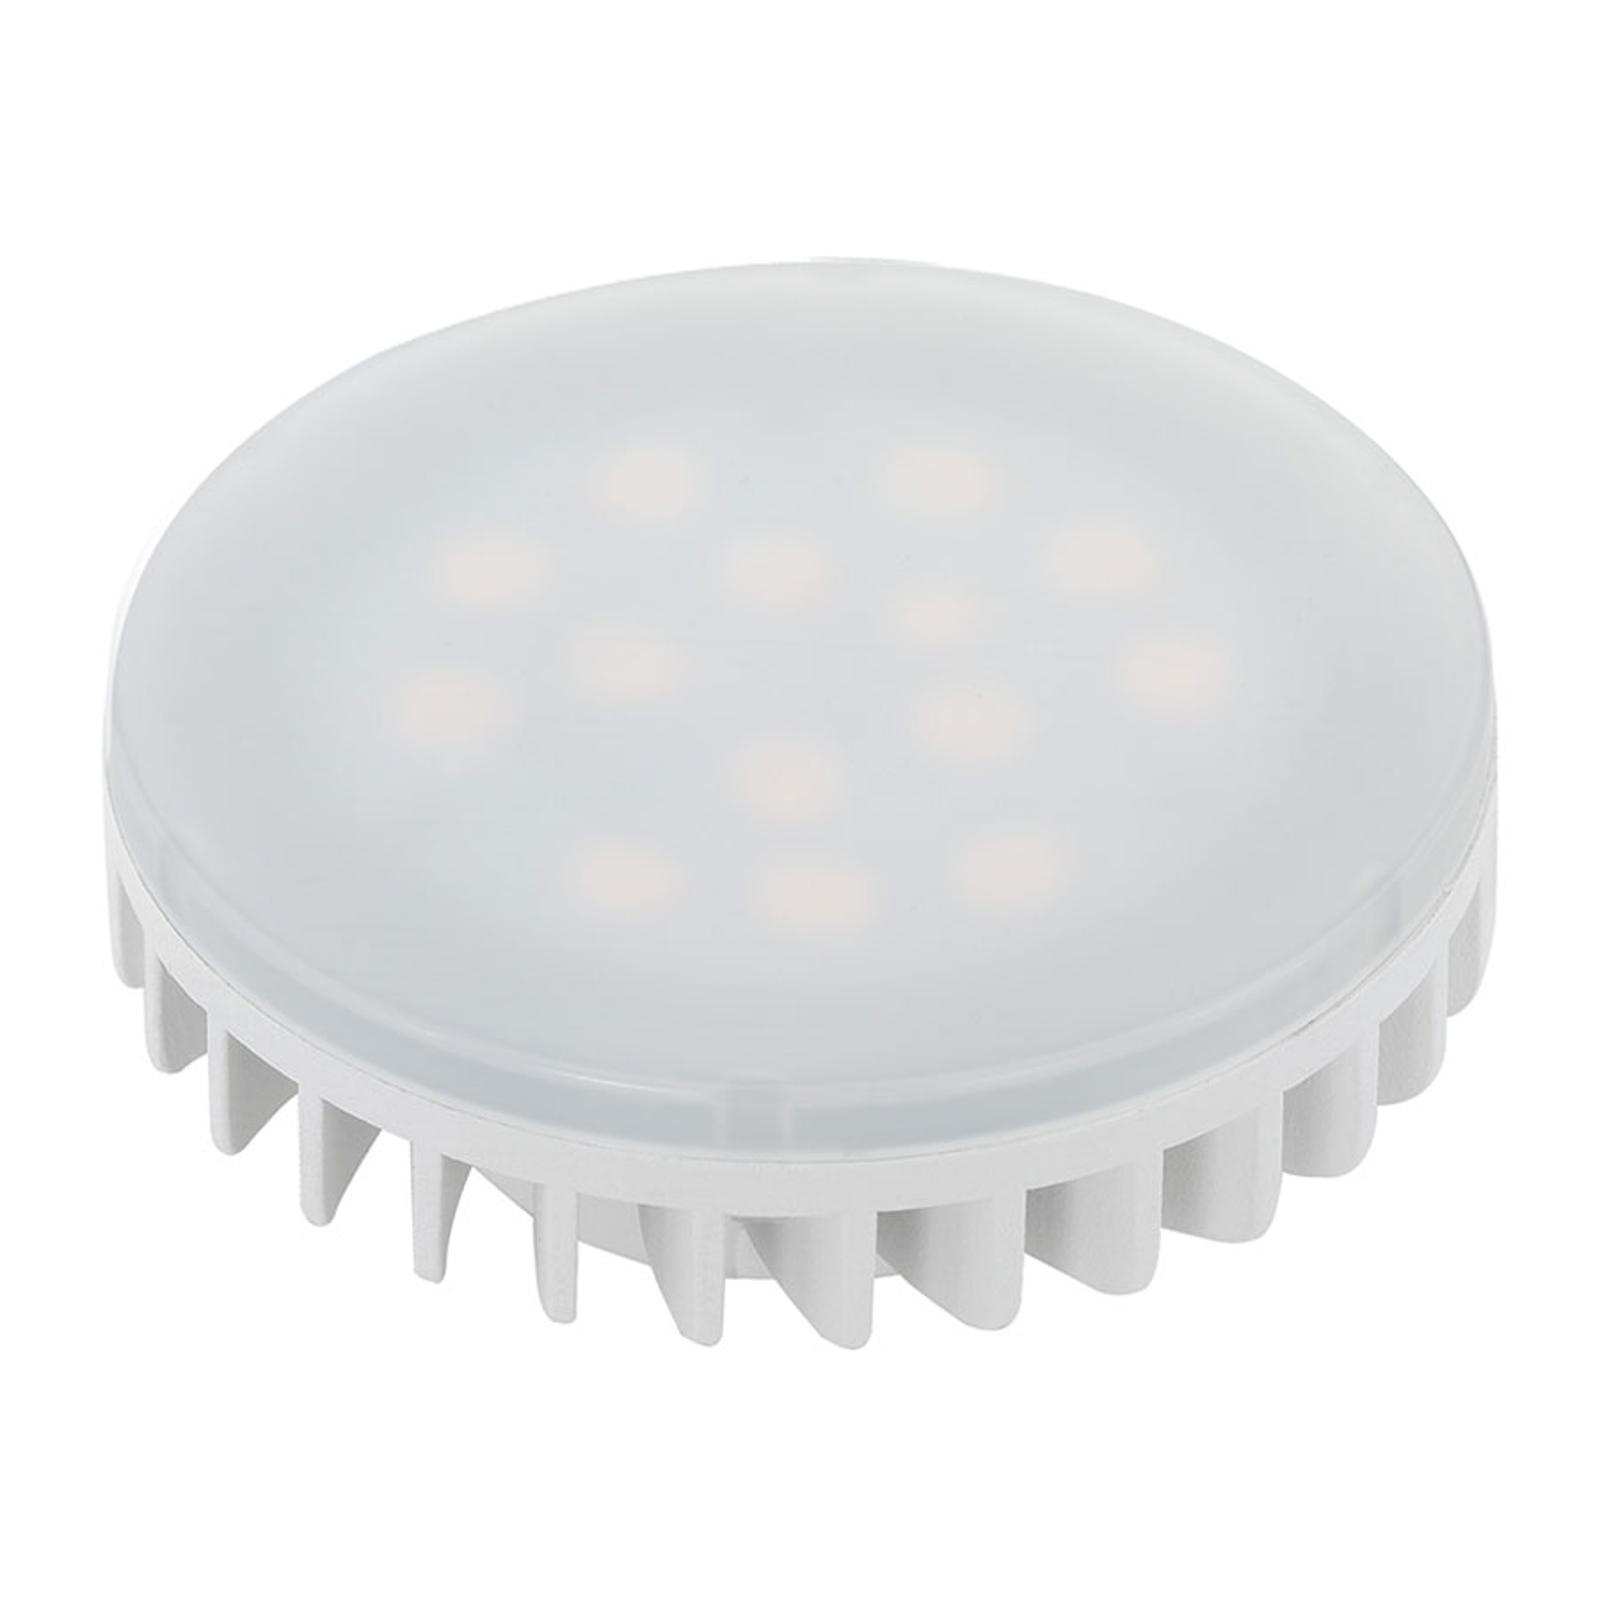 LED-pære GX53 6W, varmhvid, mat